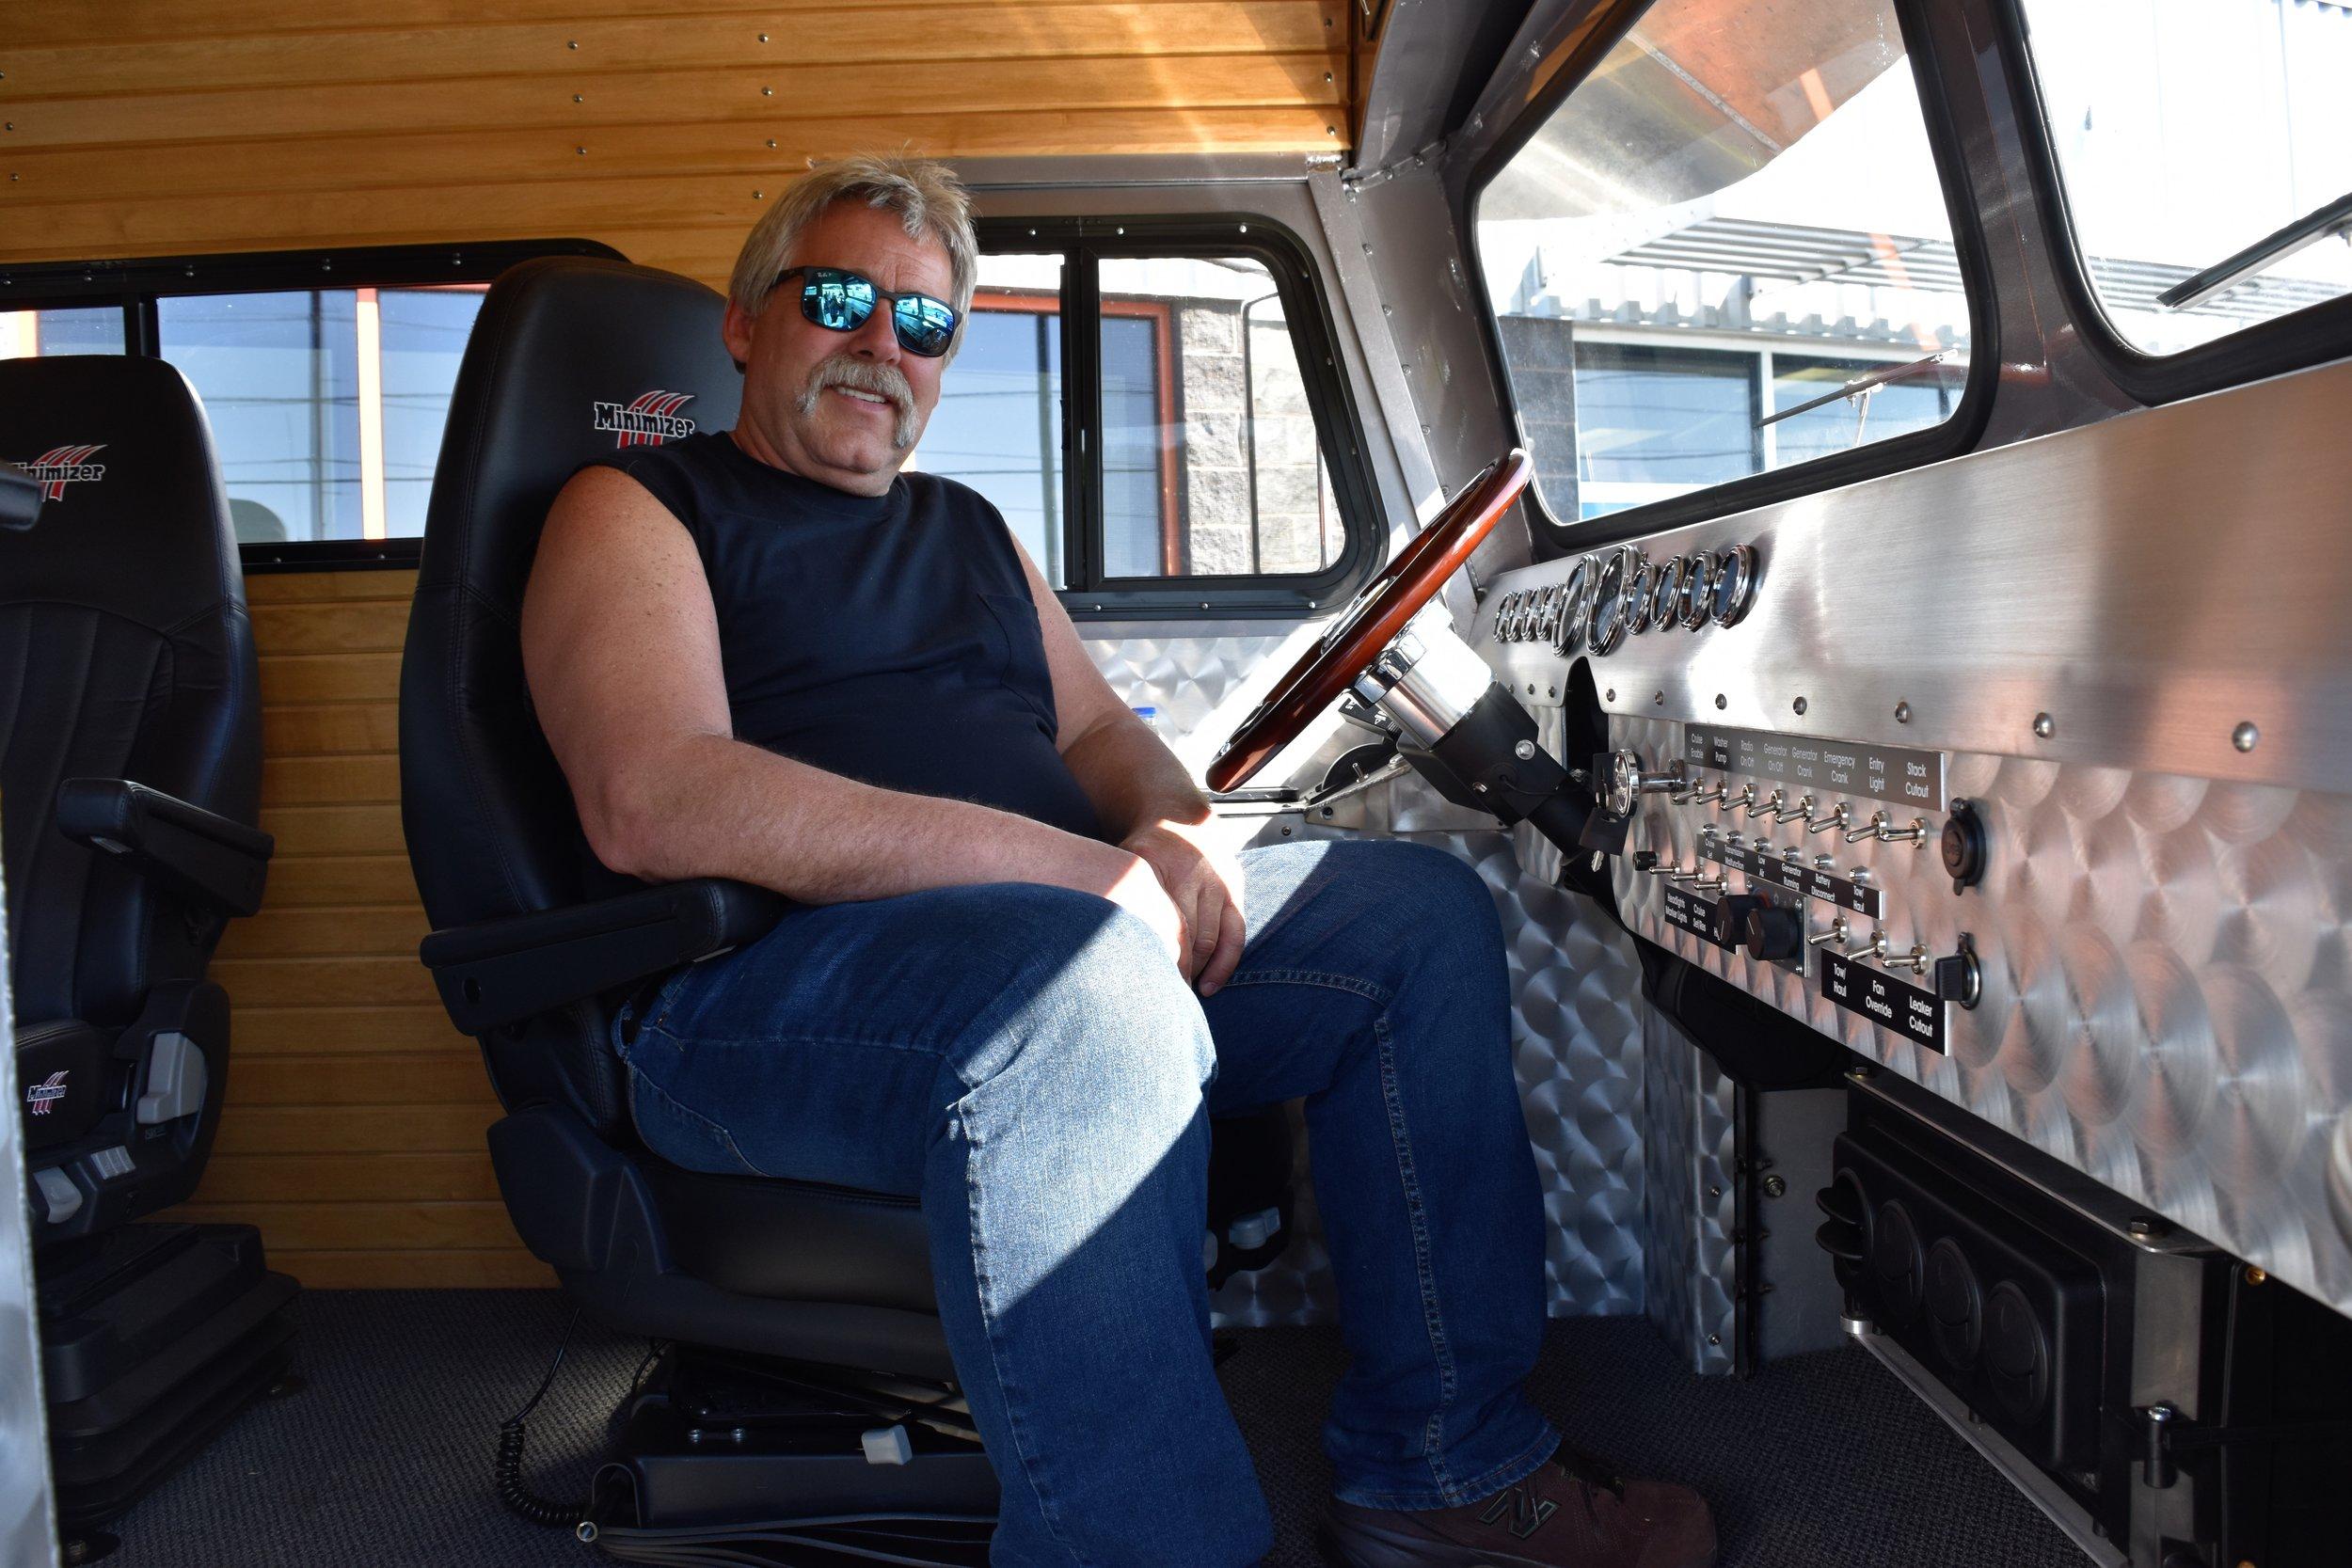 Walt Moss in his bus.